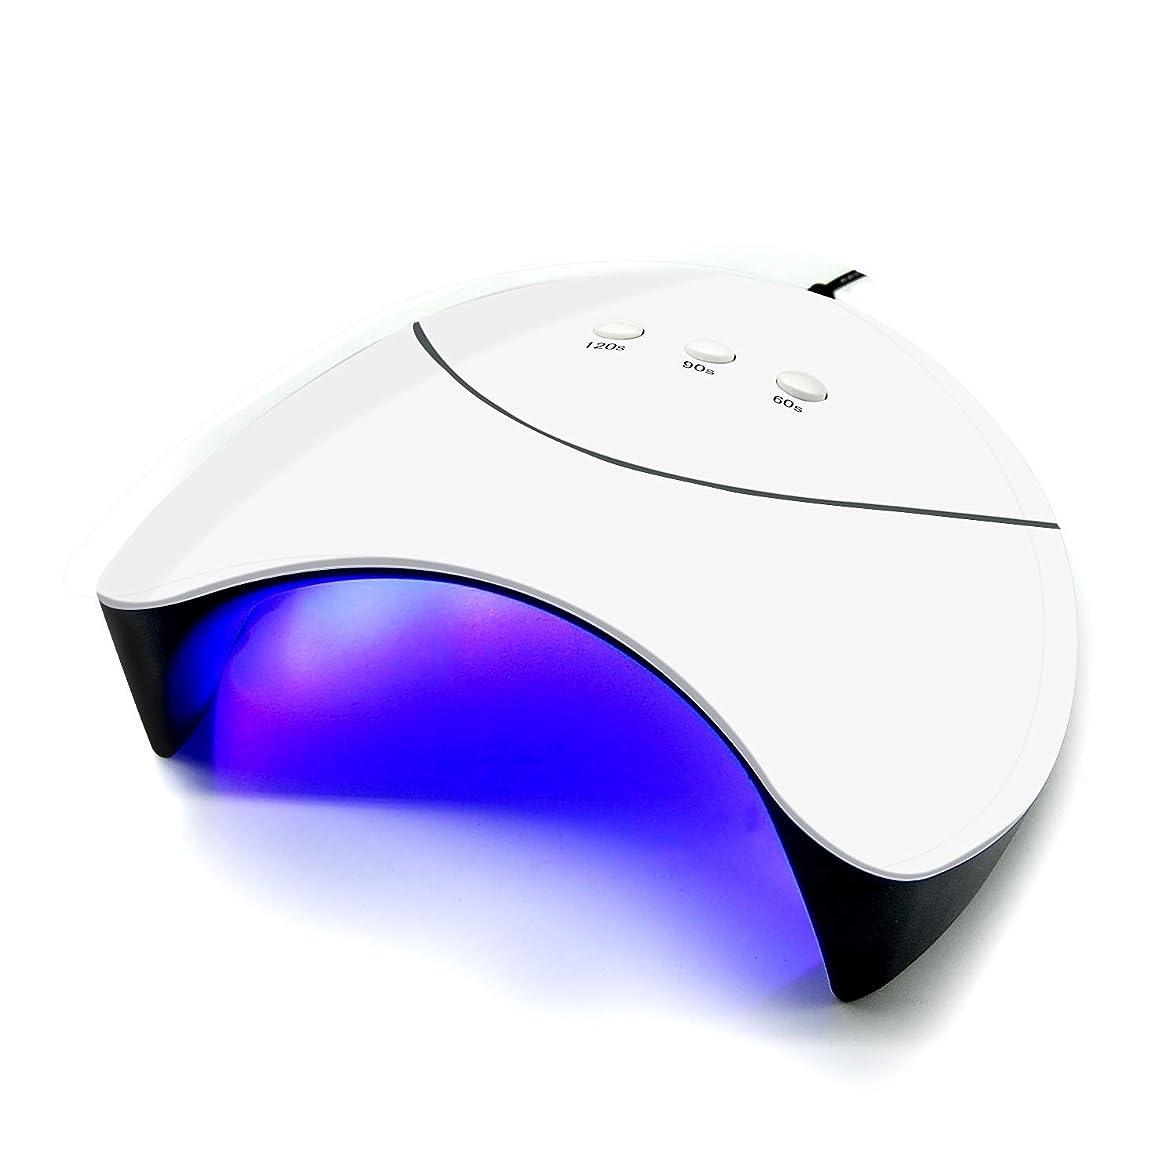 狂気チャールズキージング合唱団IDAODAN ネイルライト ネイルドライヤー 硬化用UVライト 自動センサー 36W 3段階タイマー付き 赤外線検知(ホワイト)